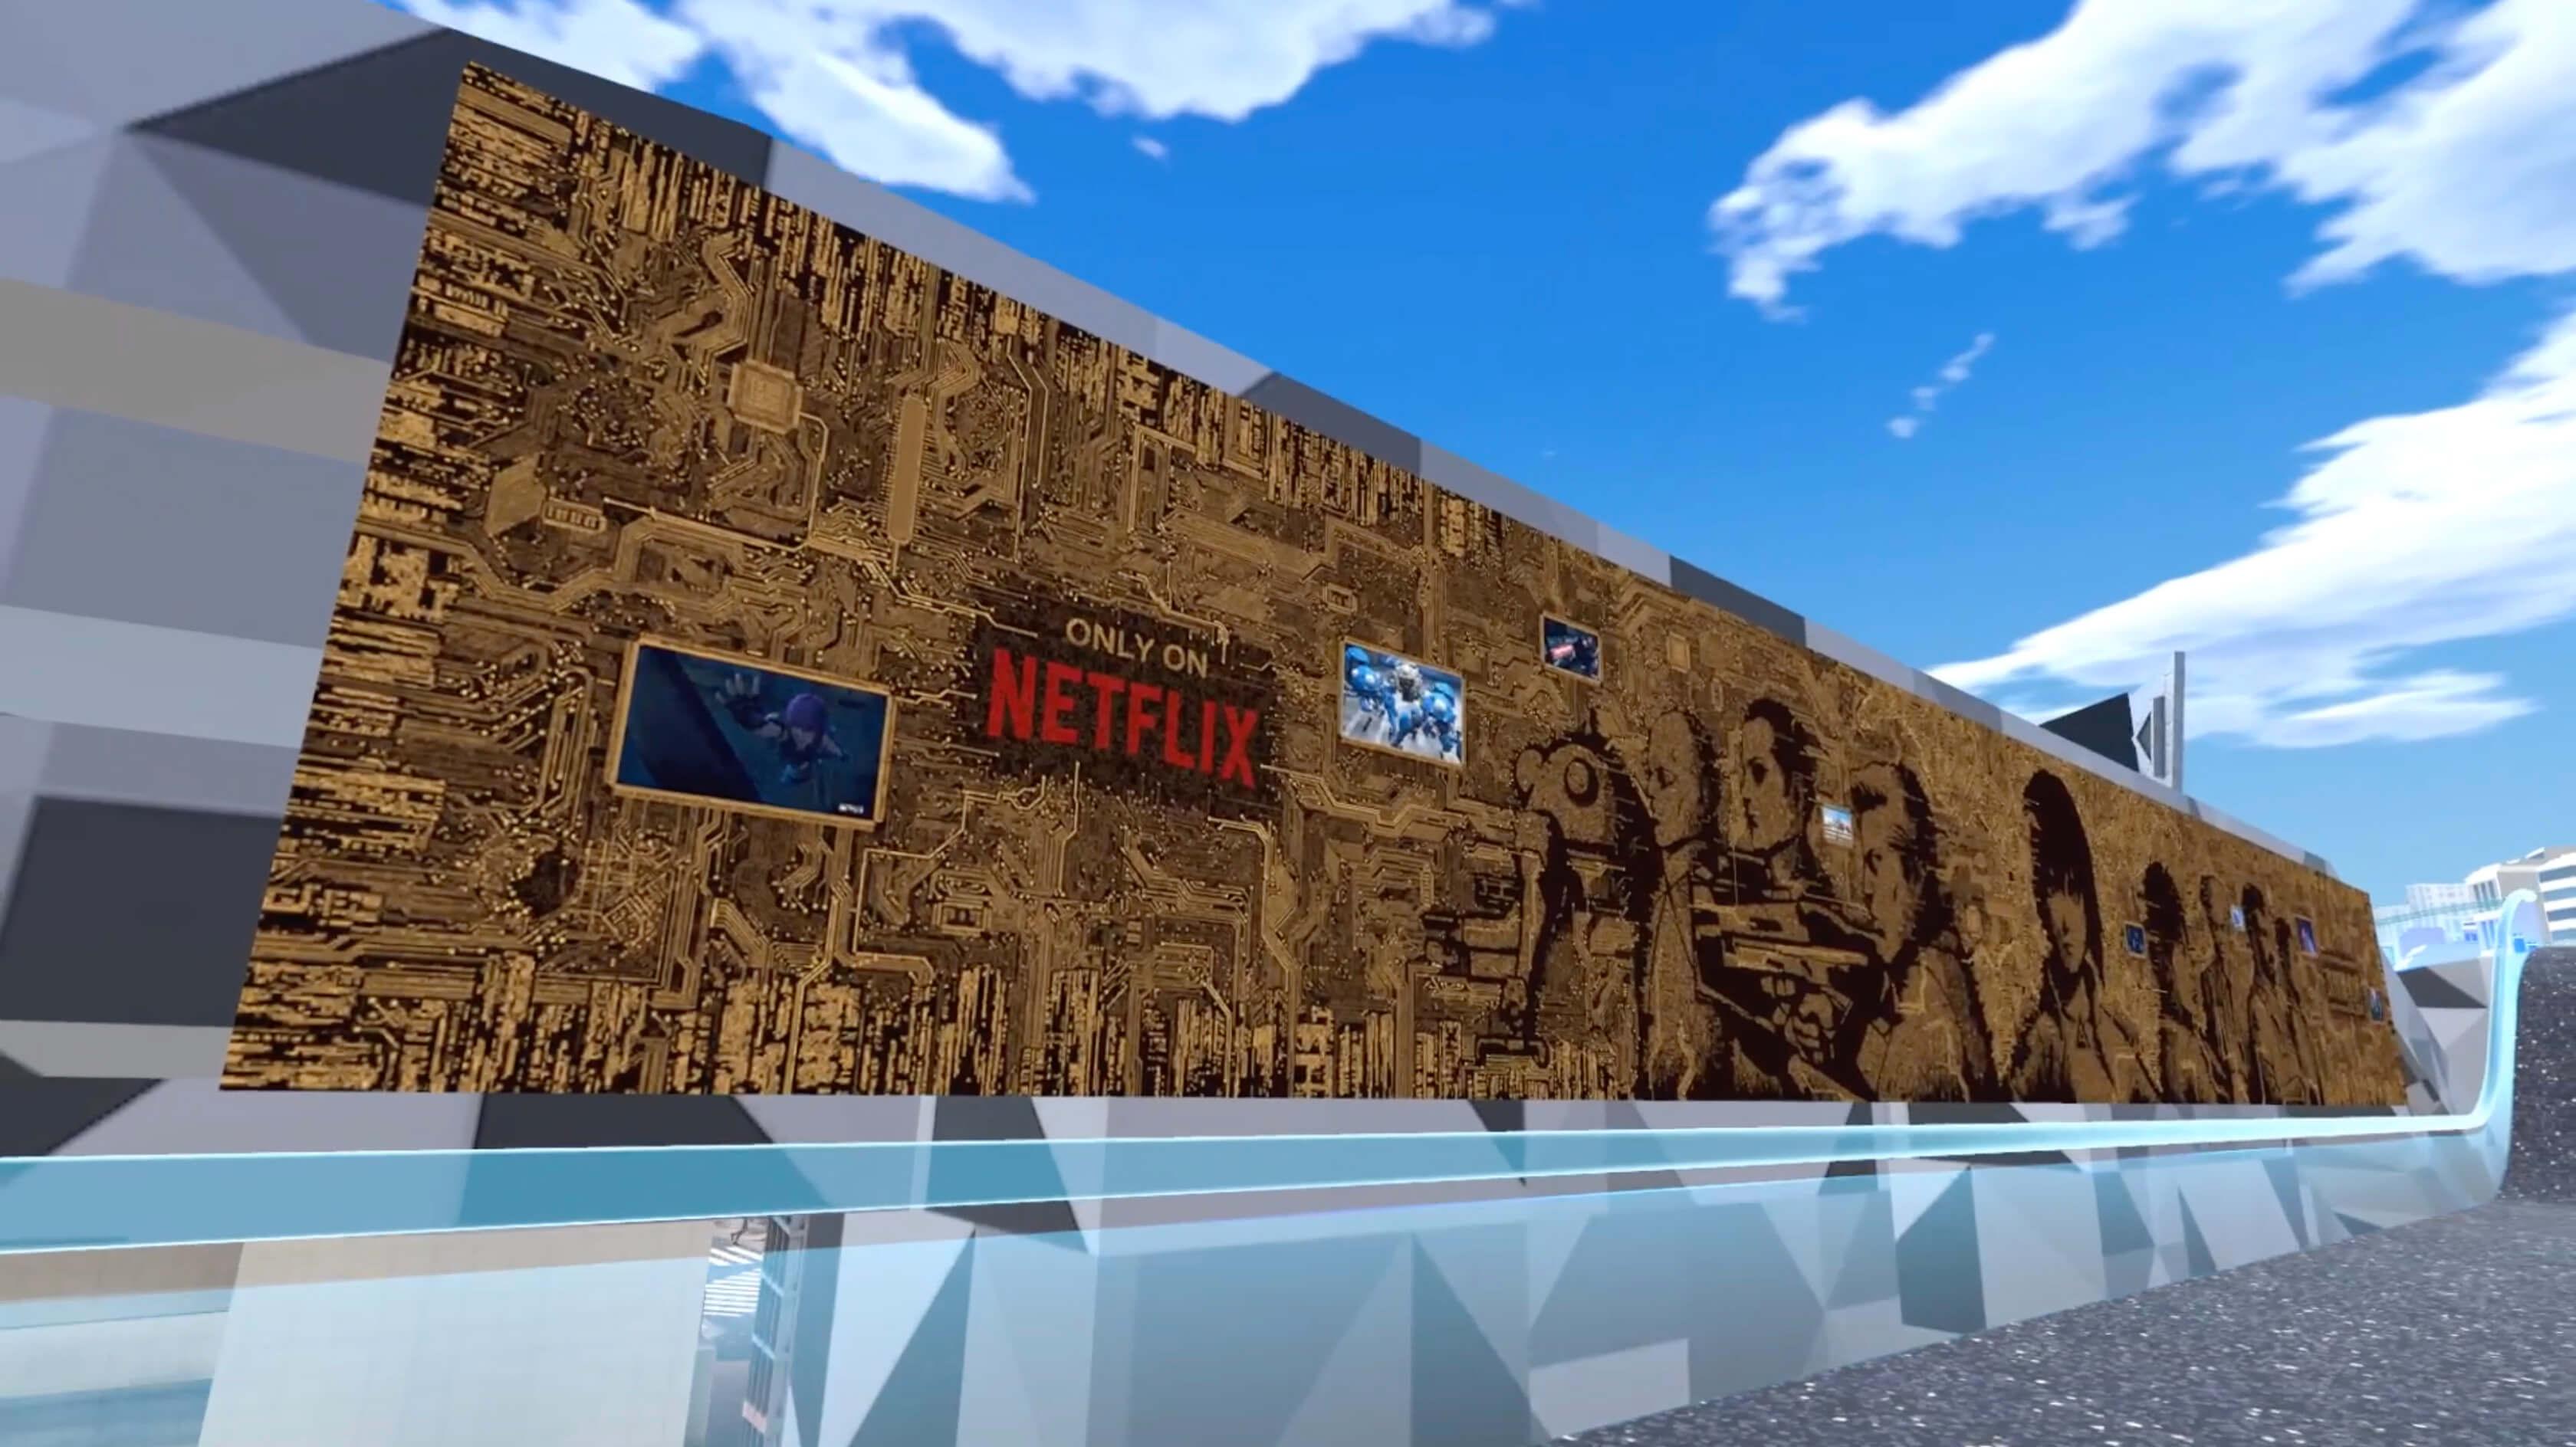 【Vケット4】Netflix特設ブースにてep01のVR上映を実施中(5/10まで)